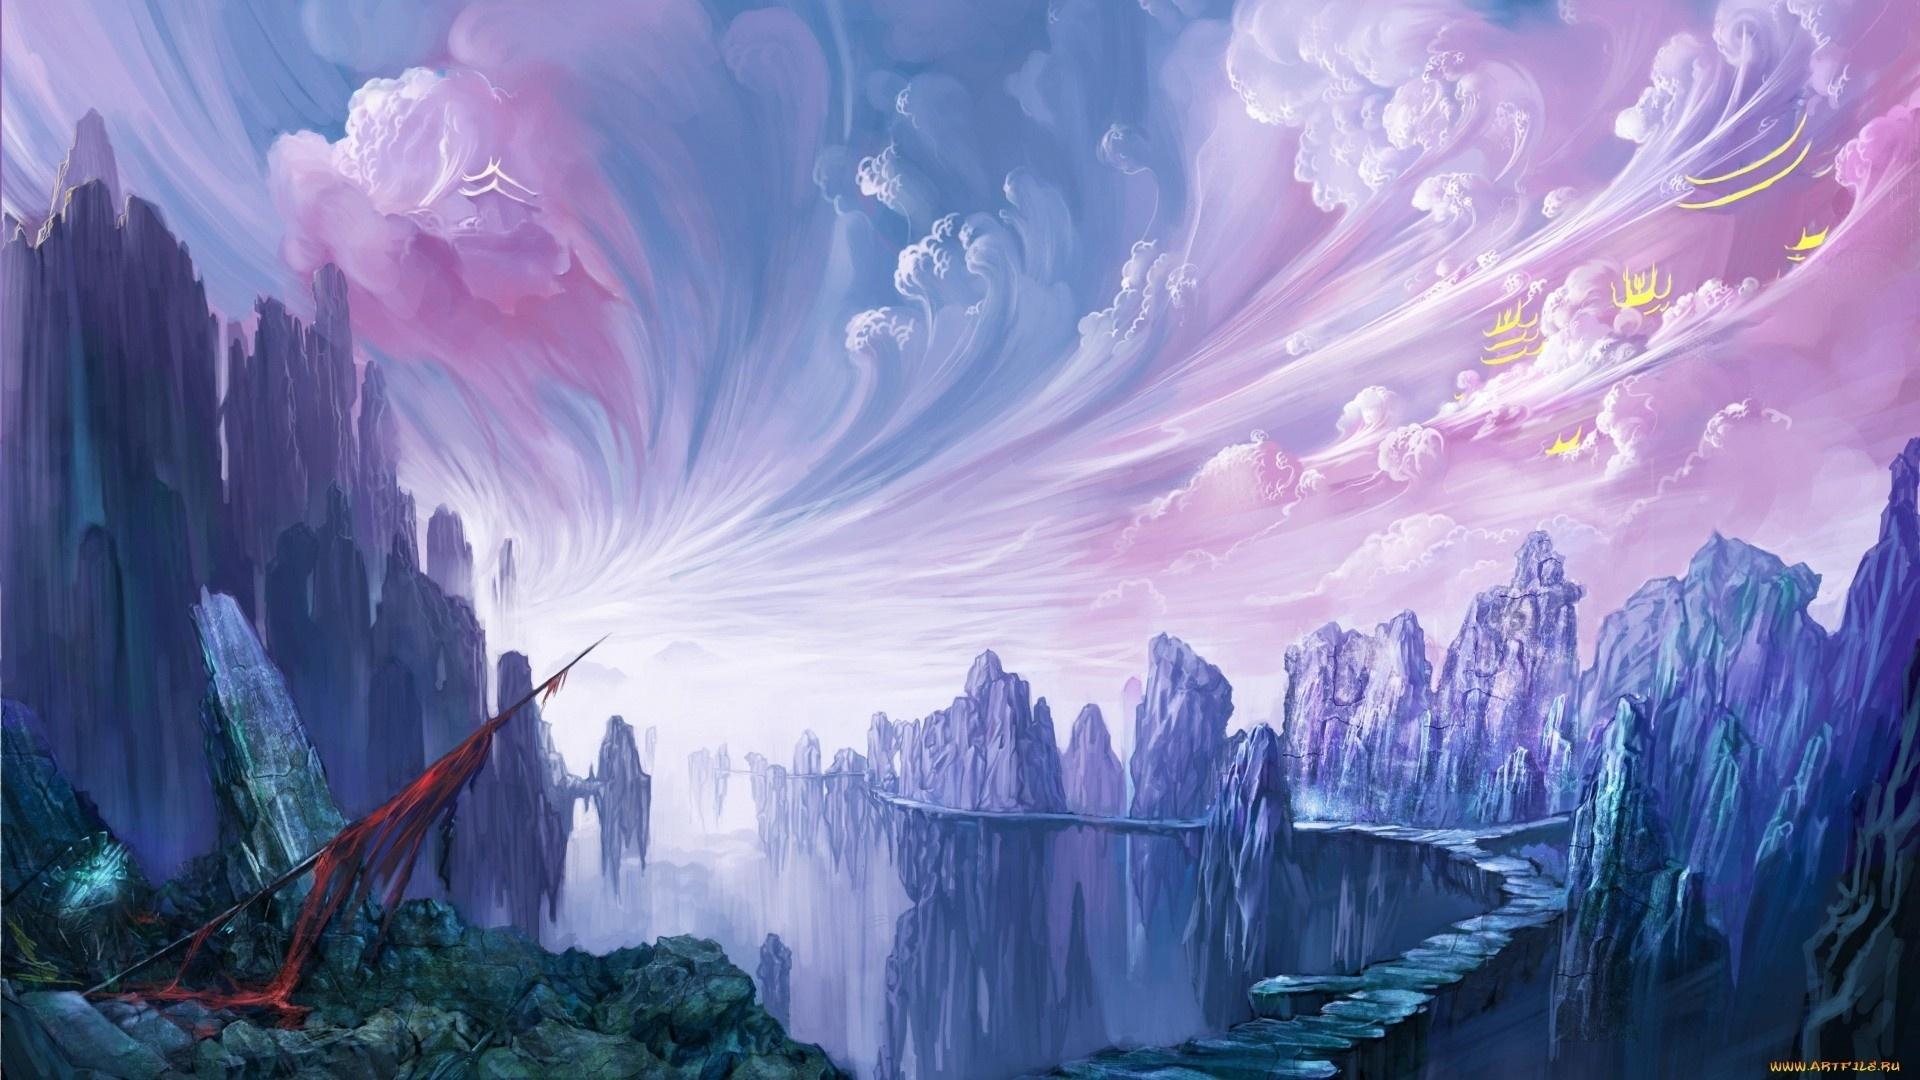 Paradise Art Image